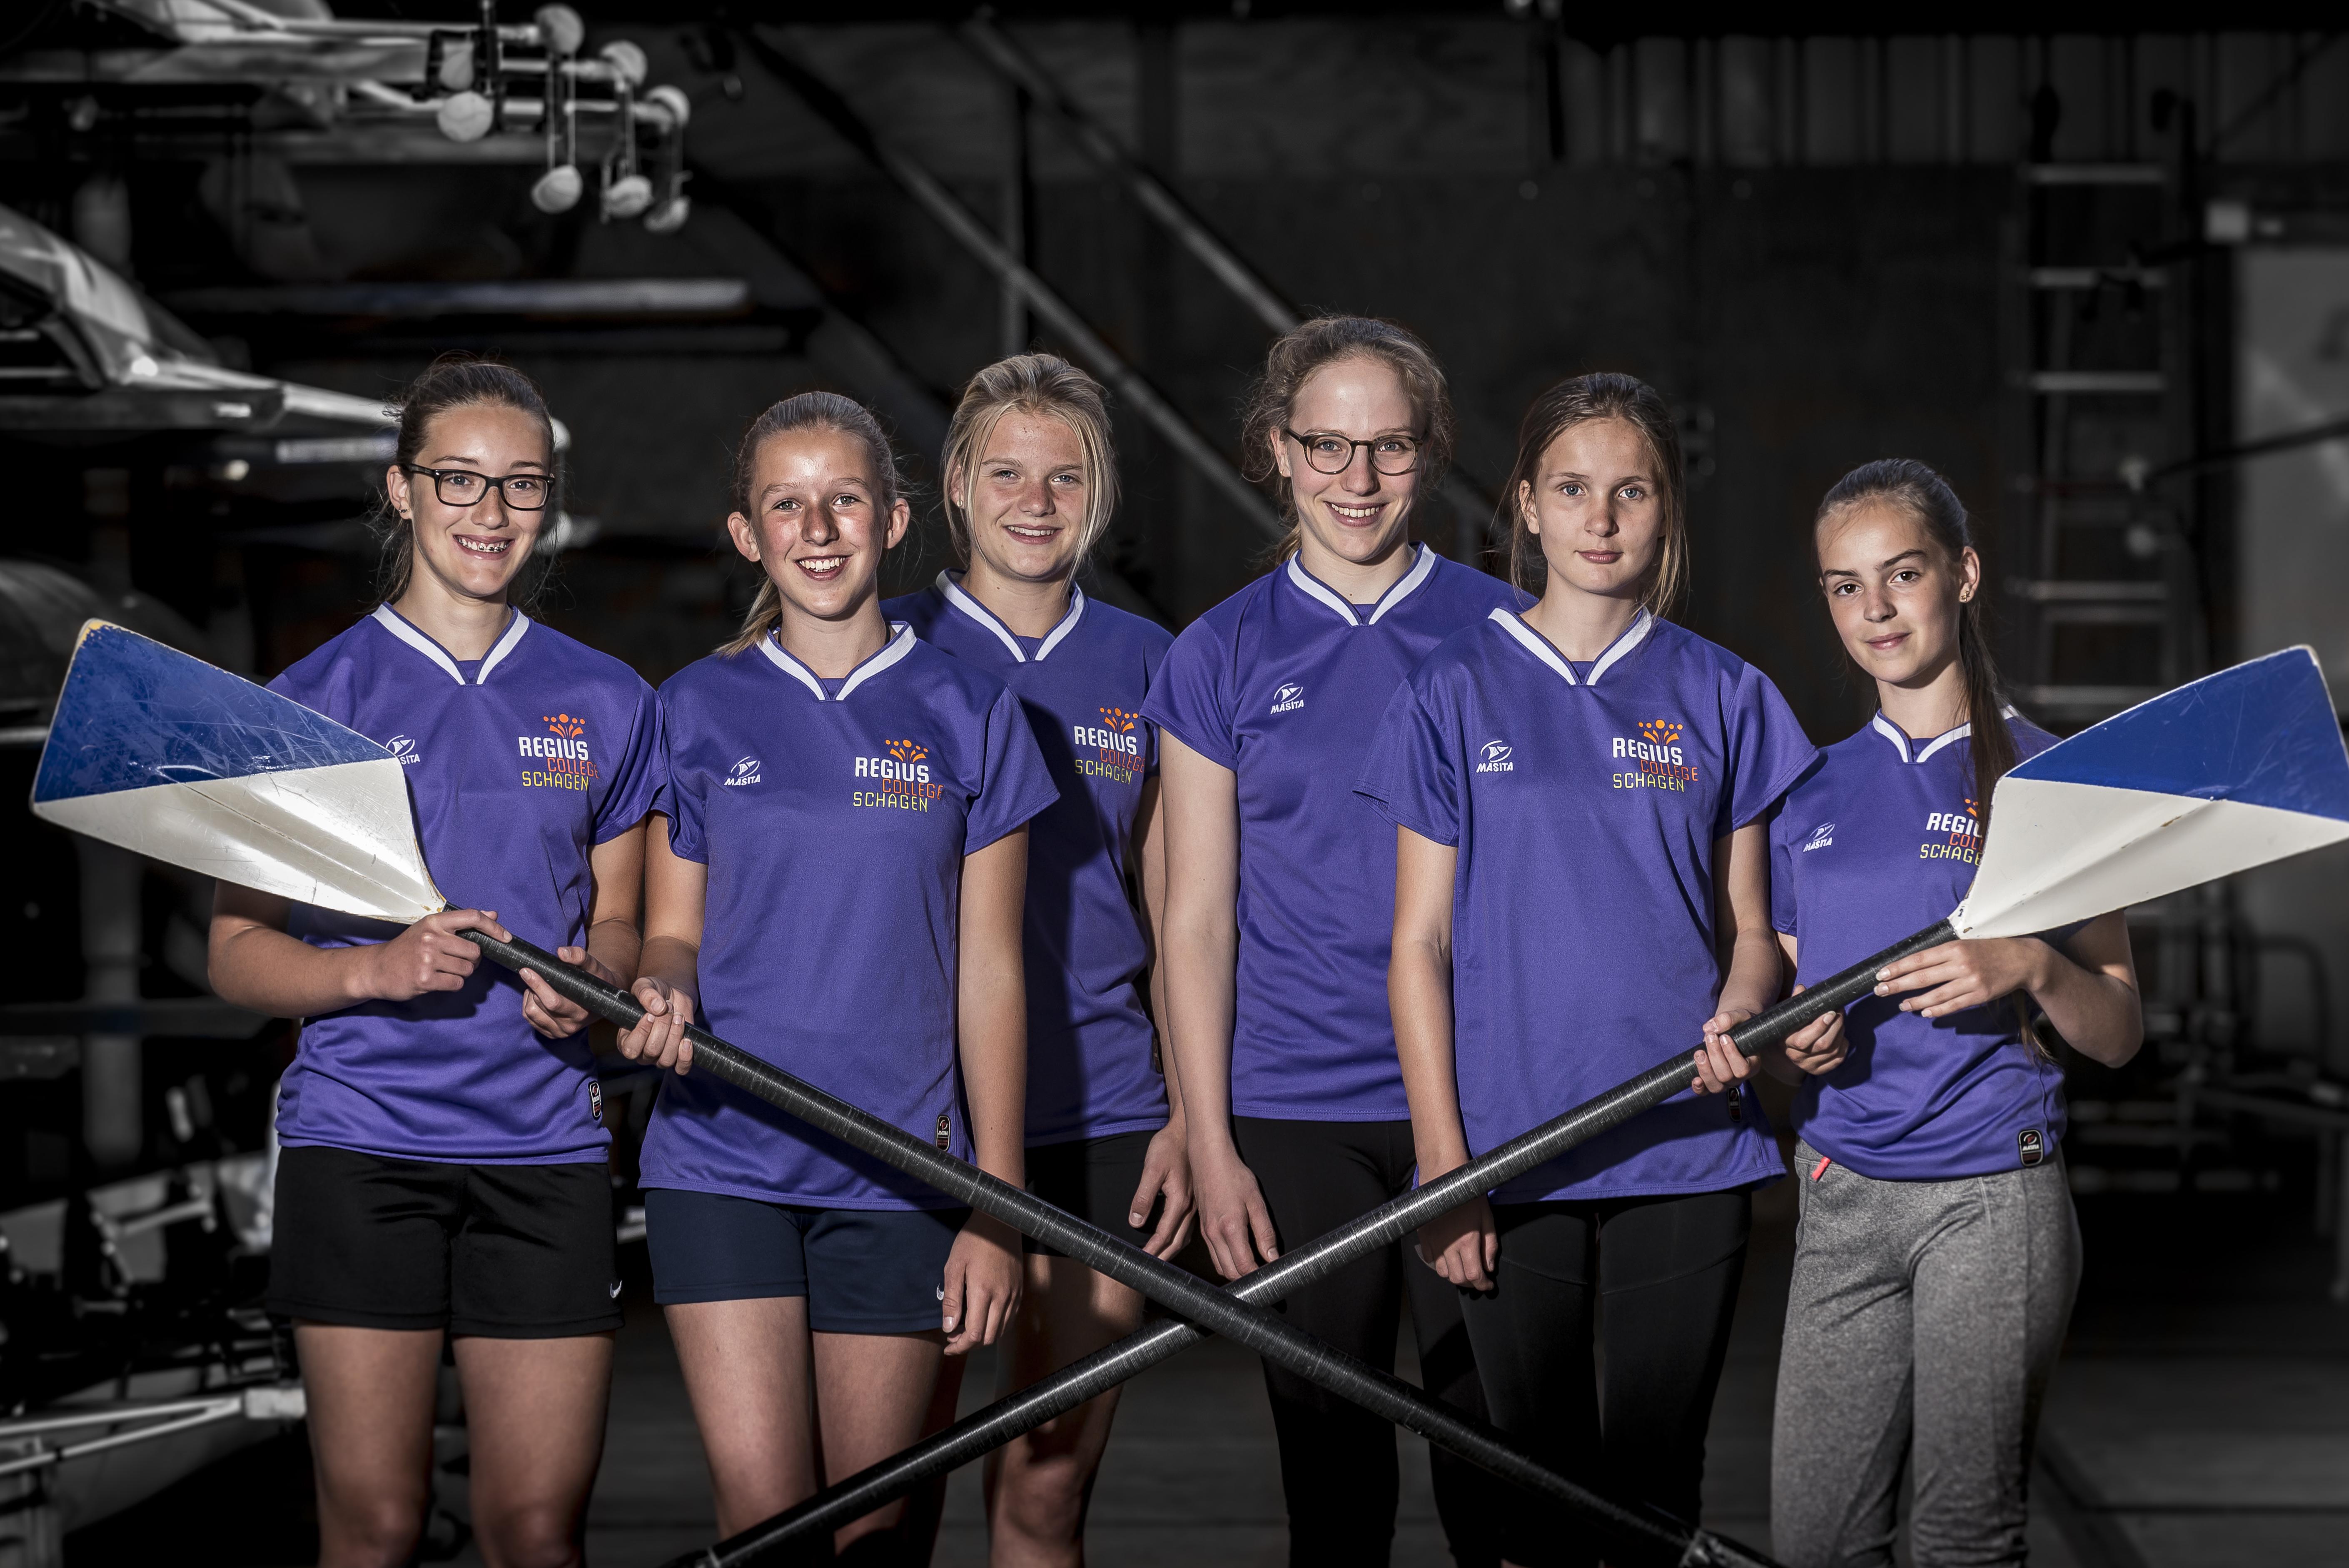 V.l.n.r.: Naomie van Helsdingen, Marit Hofland,Amber Breed, Marit Bak, Elise Kooiman en Marleen Wormsbecher. (Foto: Sebastiaan van Stam)